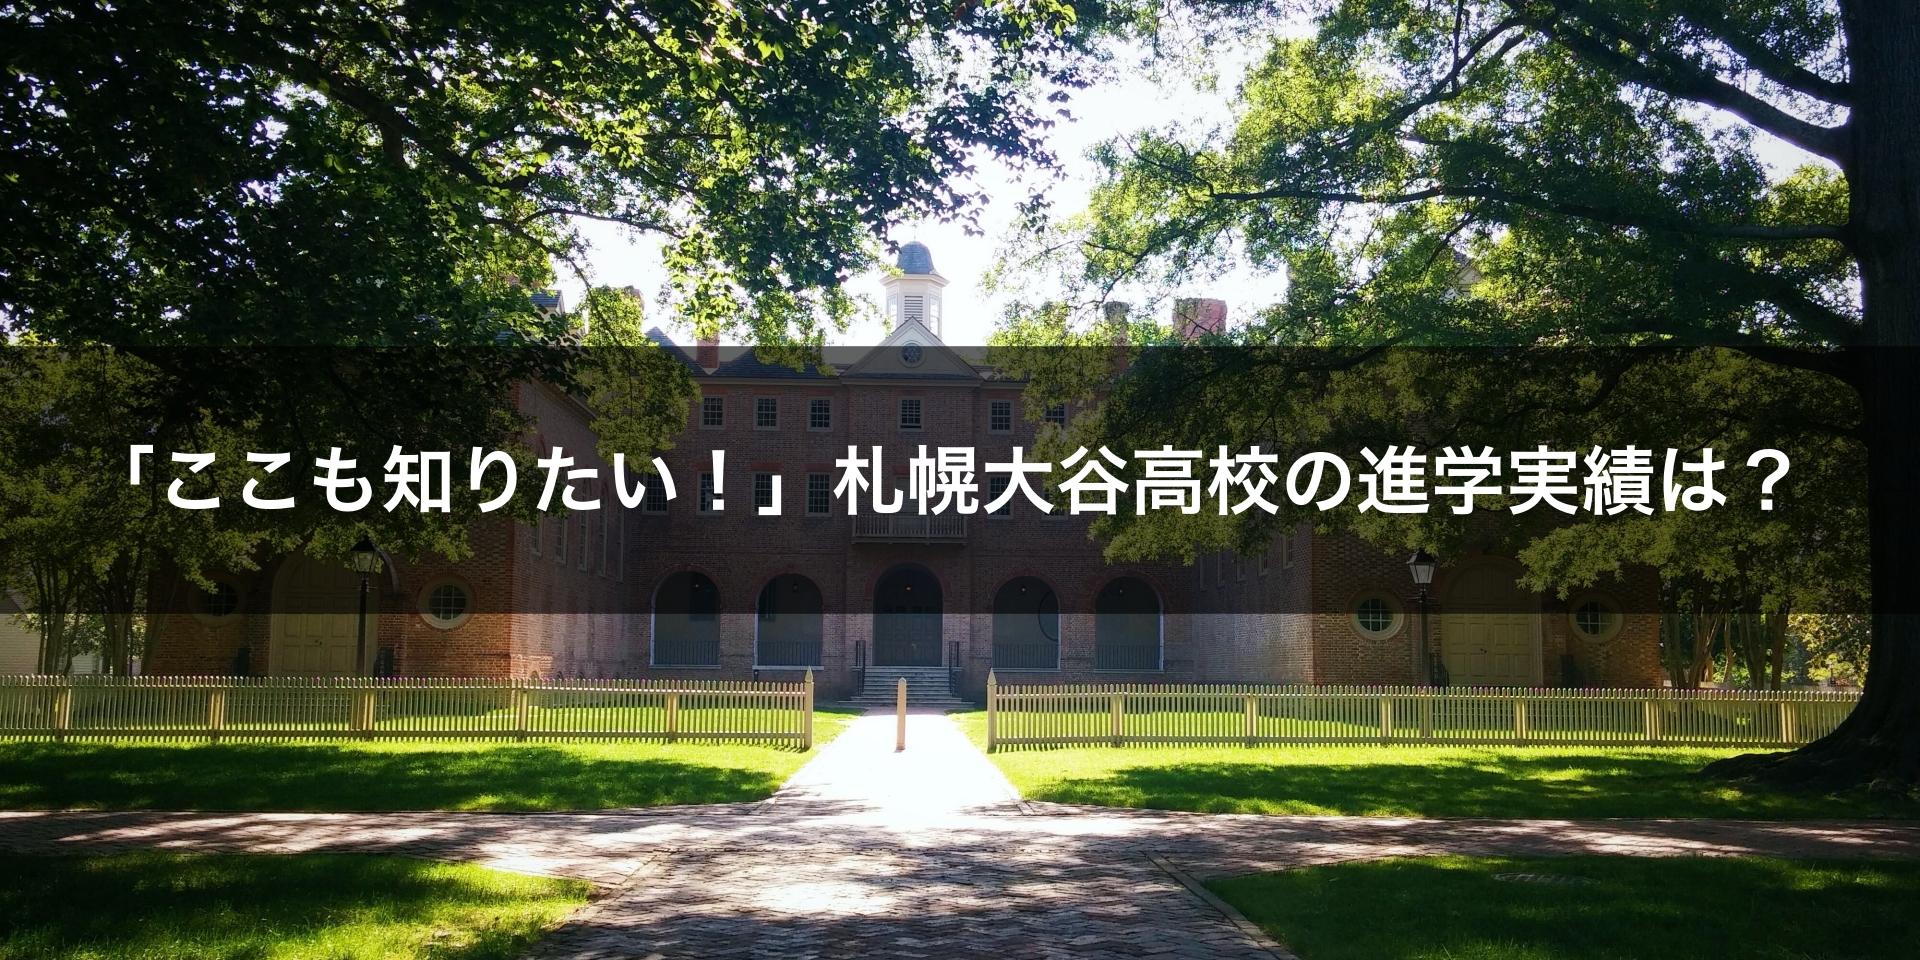 札幌大谷高校の進学実績は?